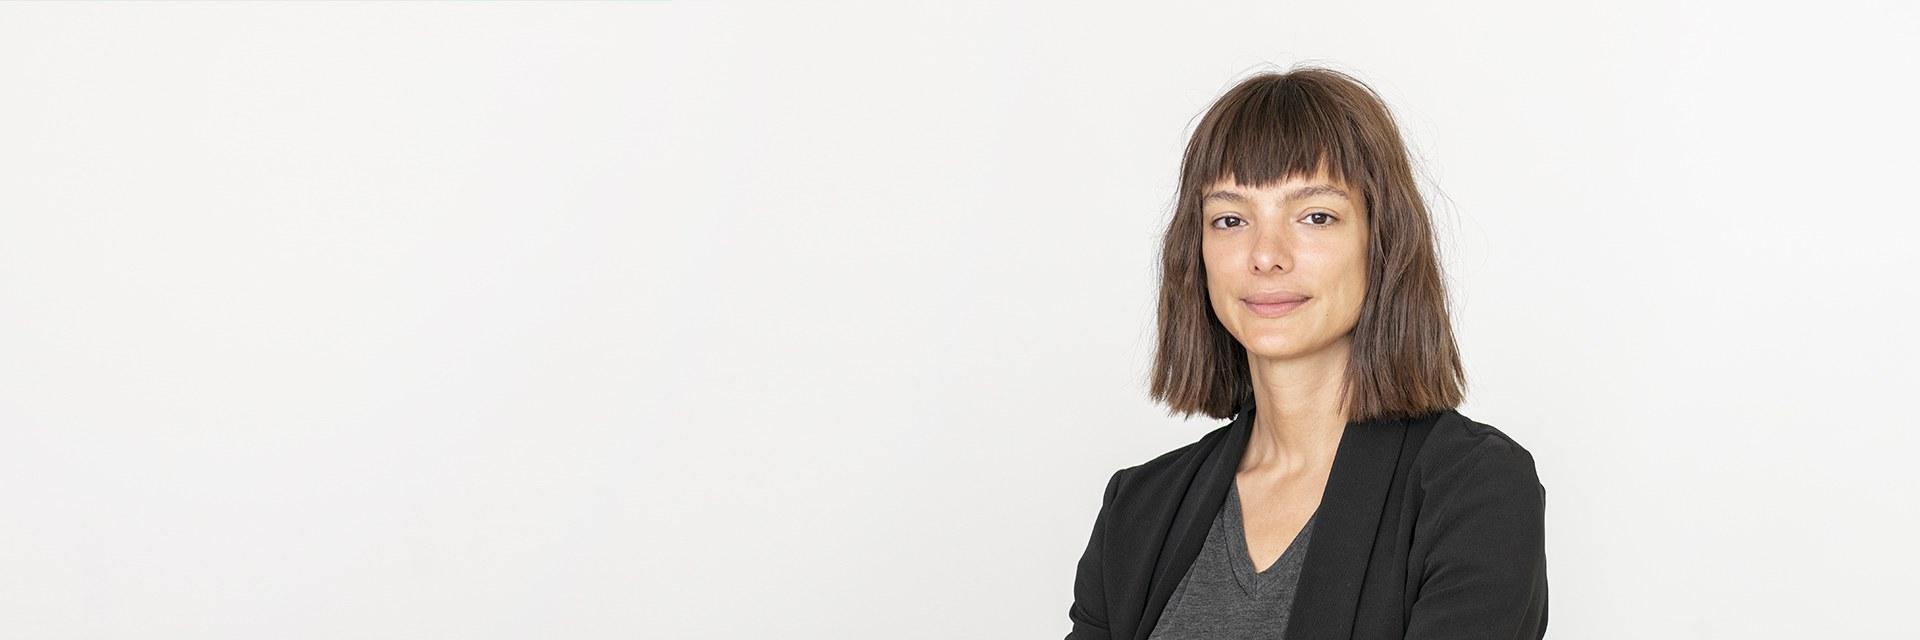 Claudia Haller